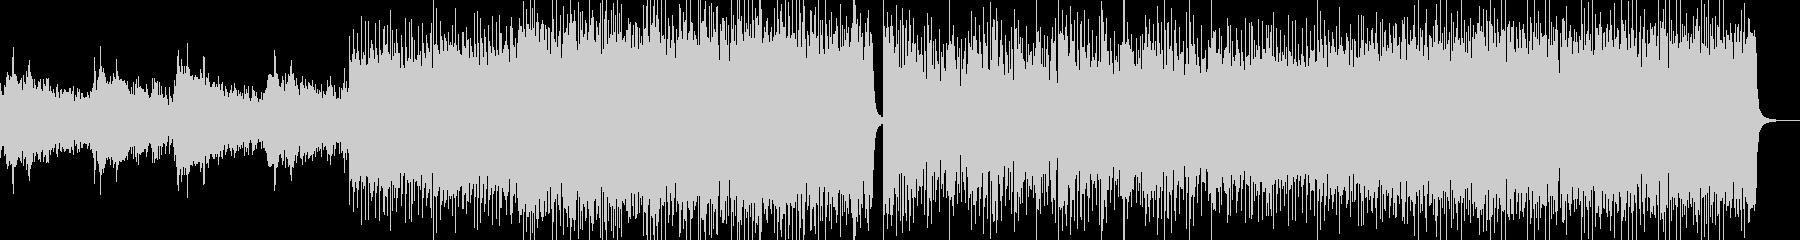 軽快なアニメ指向のバトル曲の未再生の波形